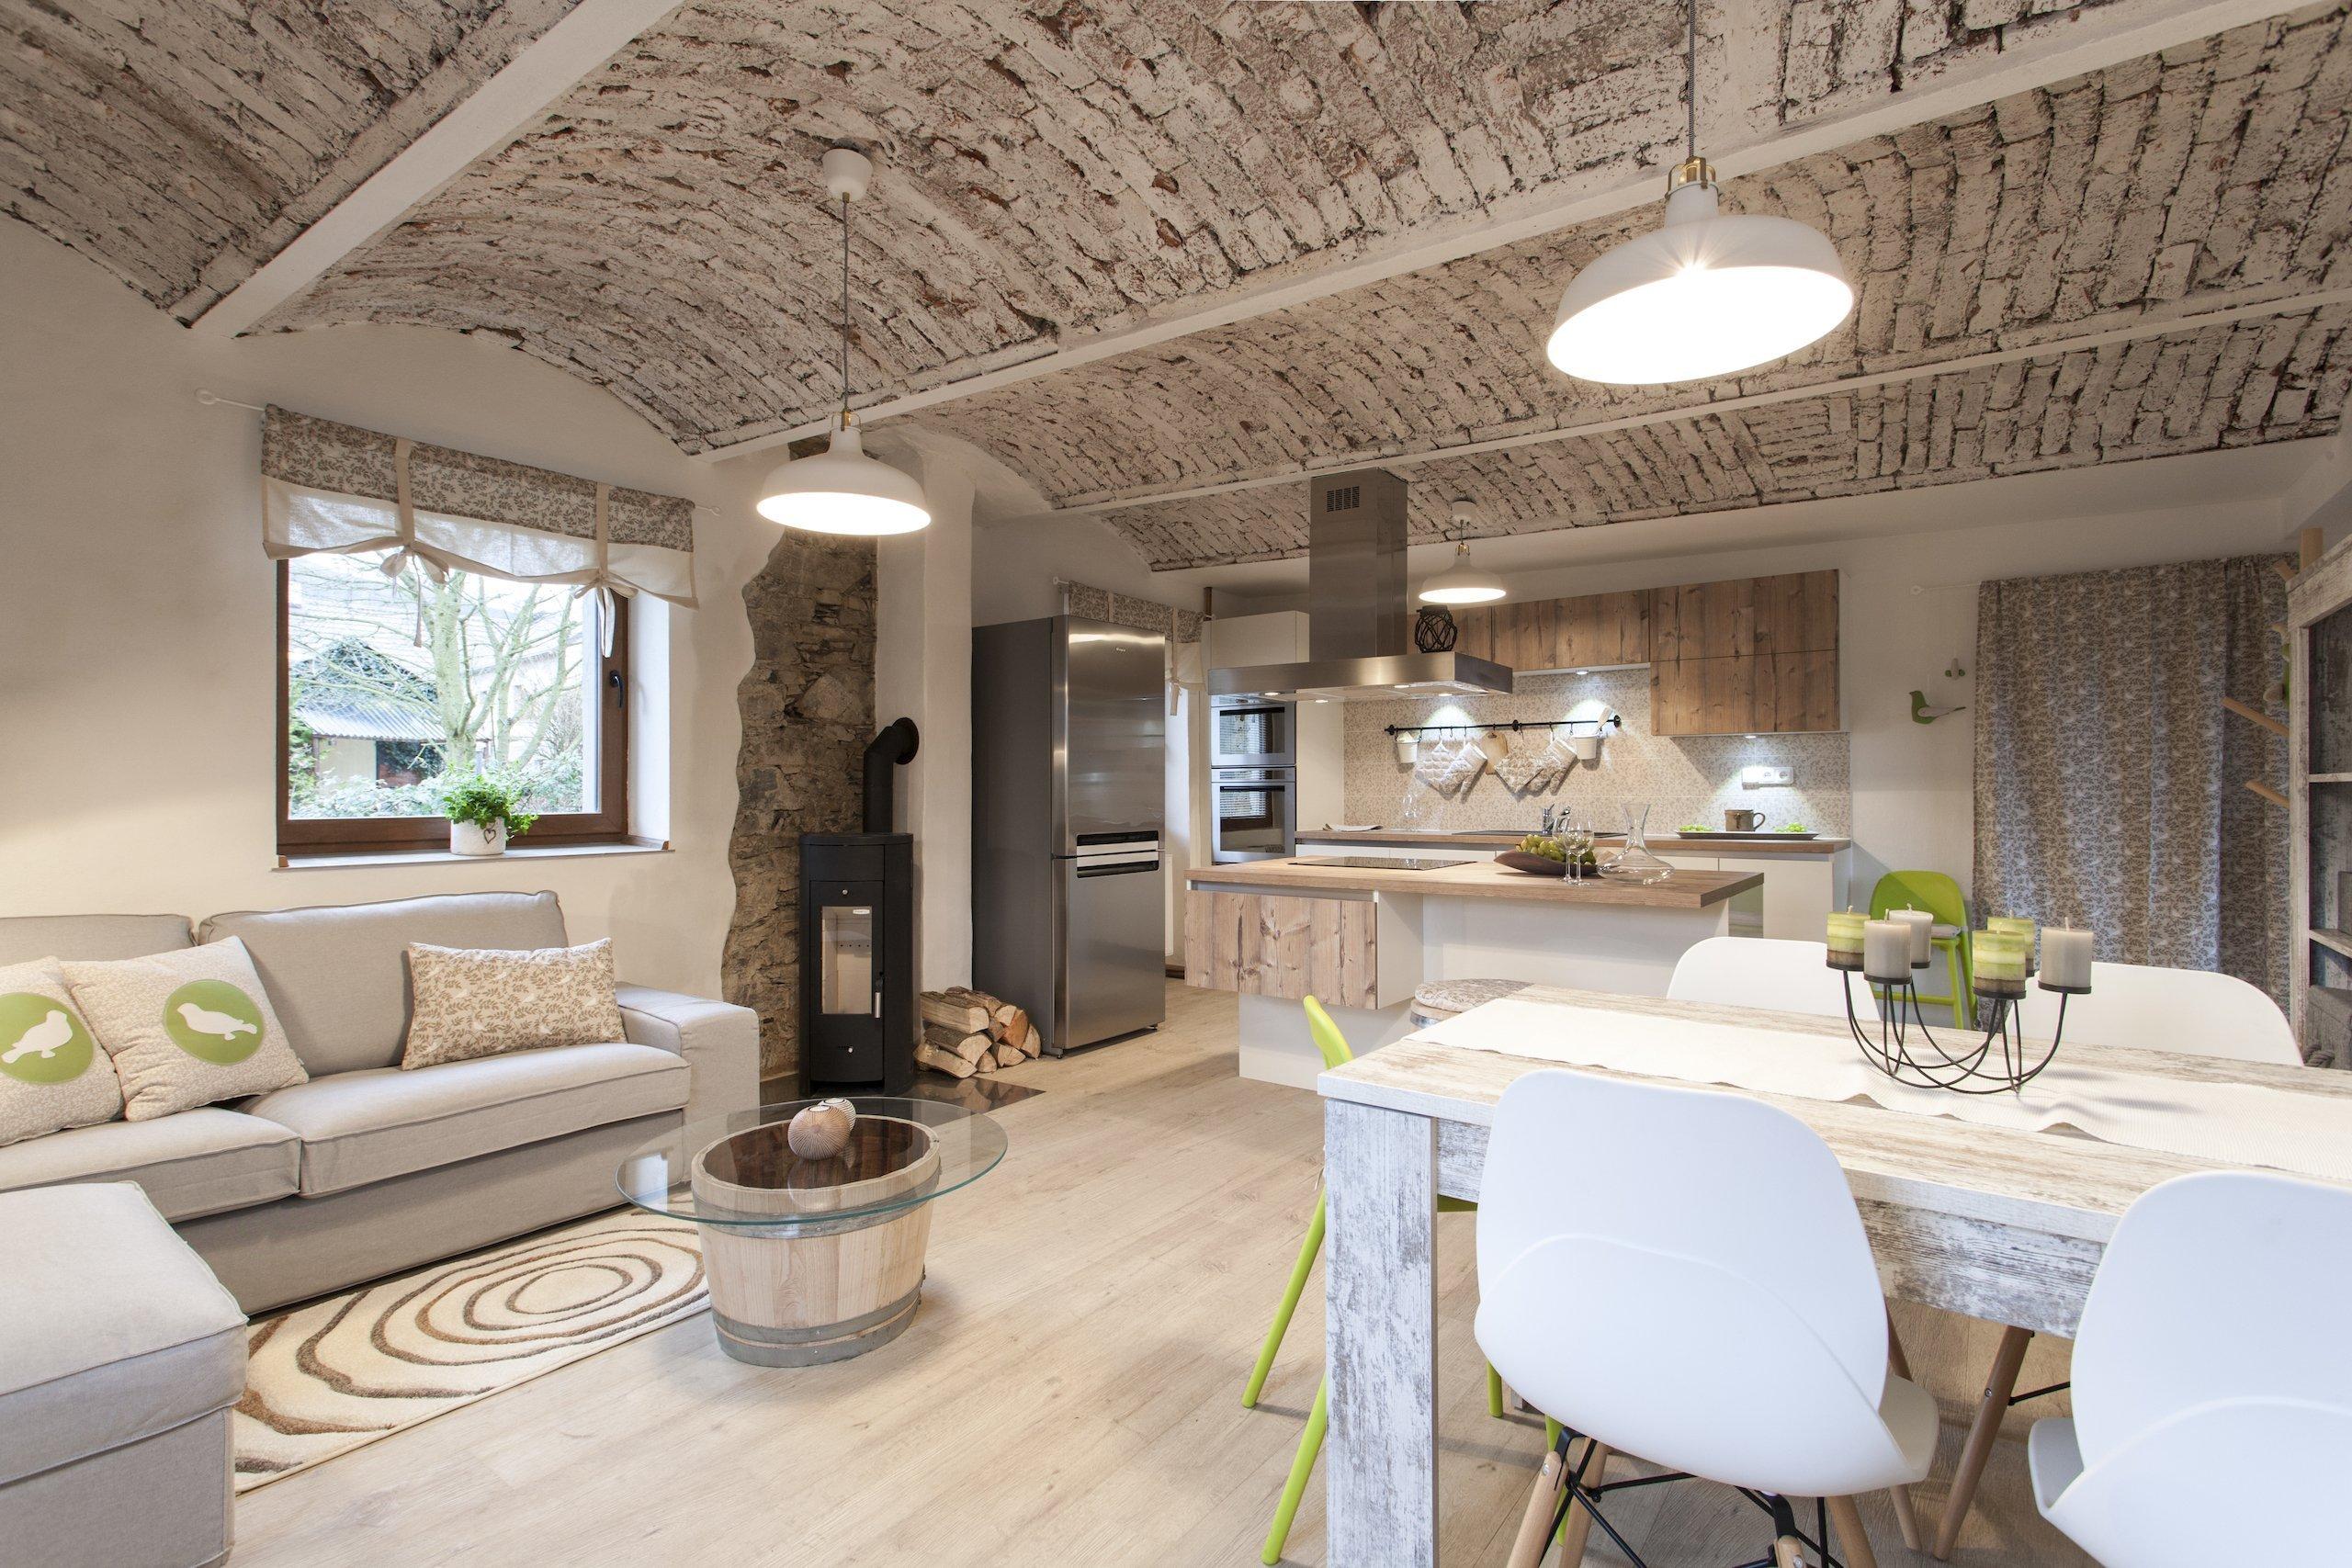 V nedostavěném a průběžně rekonstruovaném 100 let starém domě, jenž byl původně hospodářským stavením, žijí manželé Mariana a Jan se svými dvěma dětmi ve věku batolecím a předškolním.